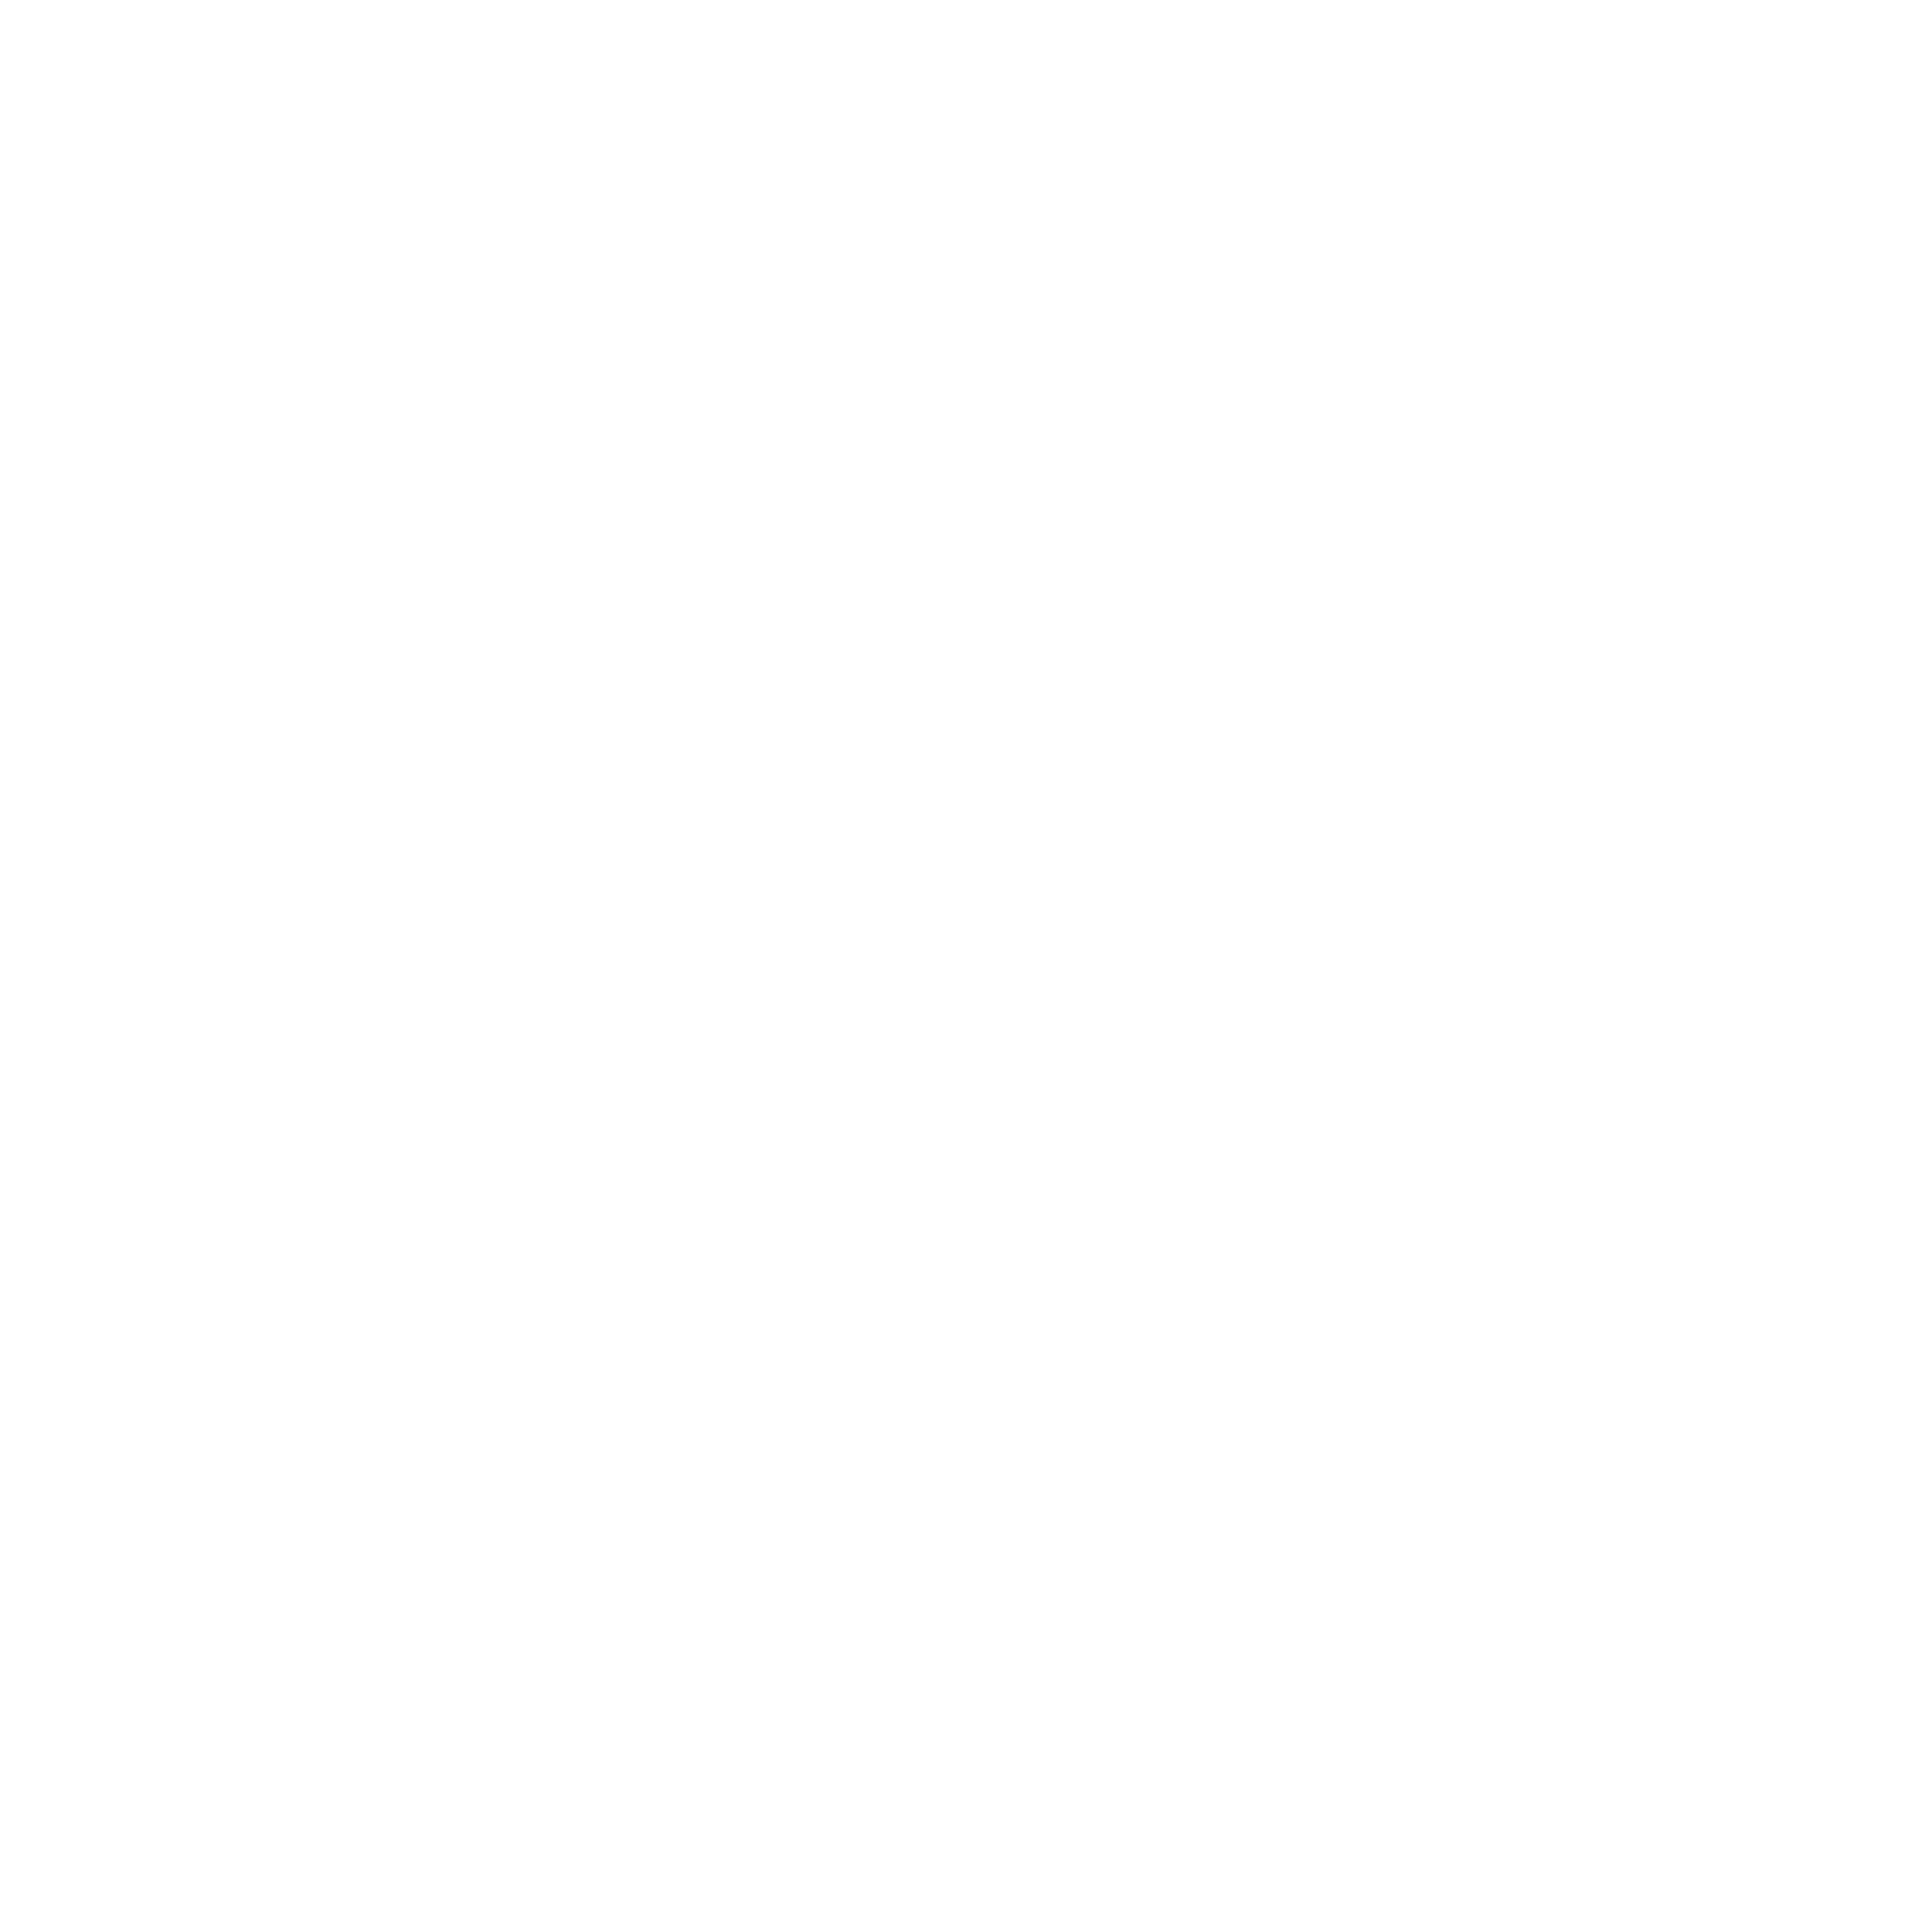 Clavier-pour-Ordinateur-Acer-Aspire-One-D260-13042-QWERTY-US-English